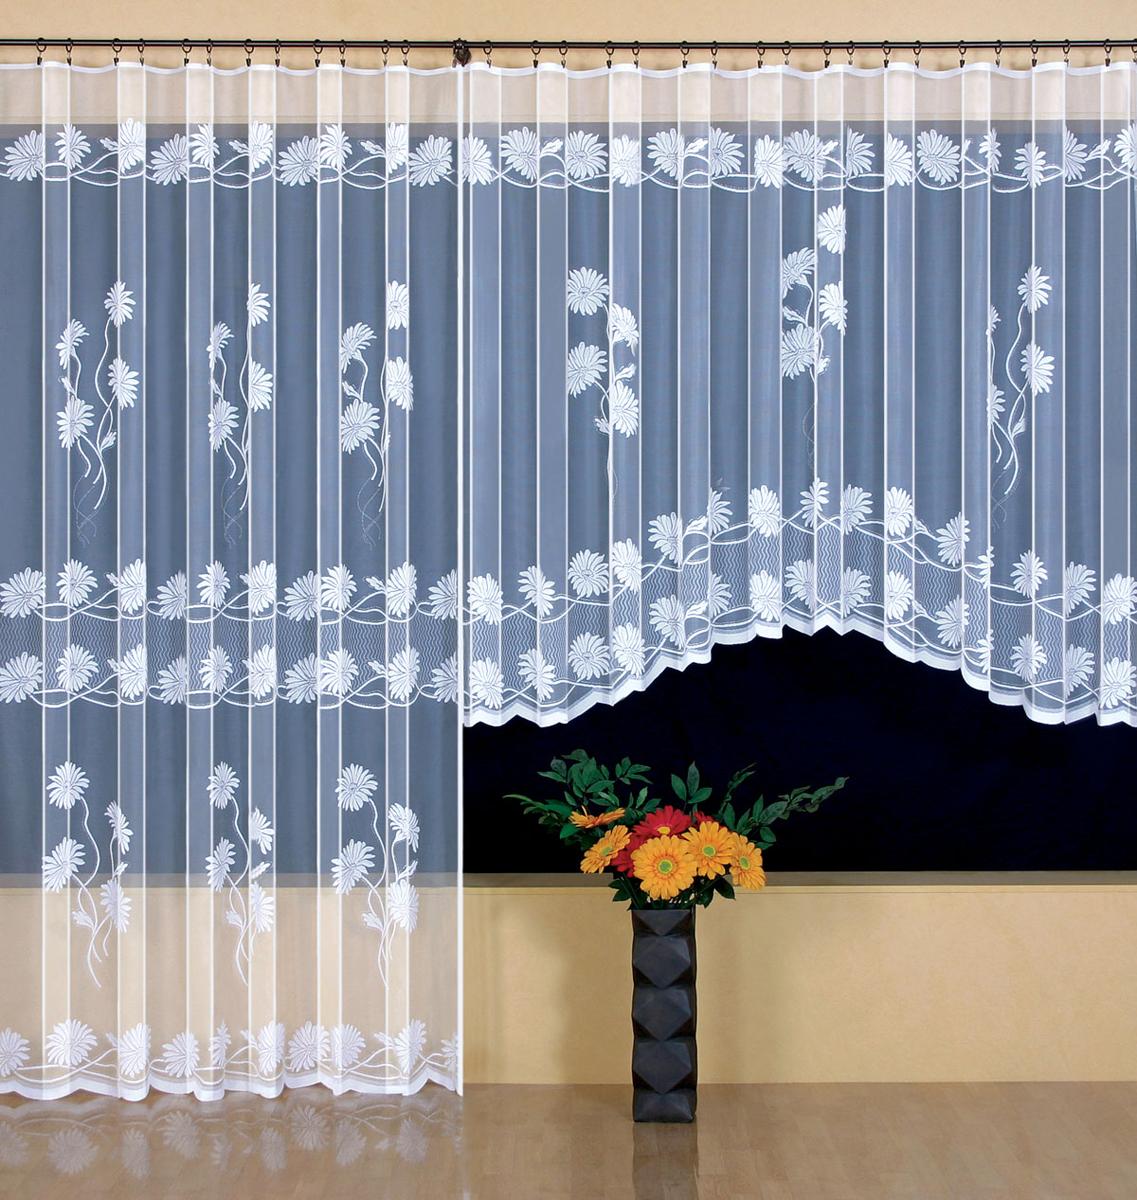 Гардина Wisan, цвет: белый, ширина 300 см, высота 160 см. 94189418Гардина жаккардовая, крепление зажимы для штор, можно взять в комплекте с арт. 9410 Размеры: высота160х ширина300